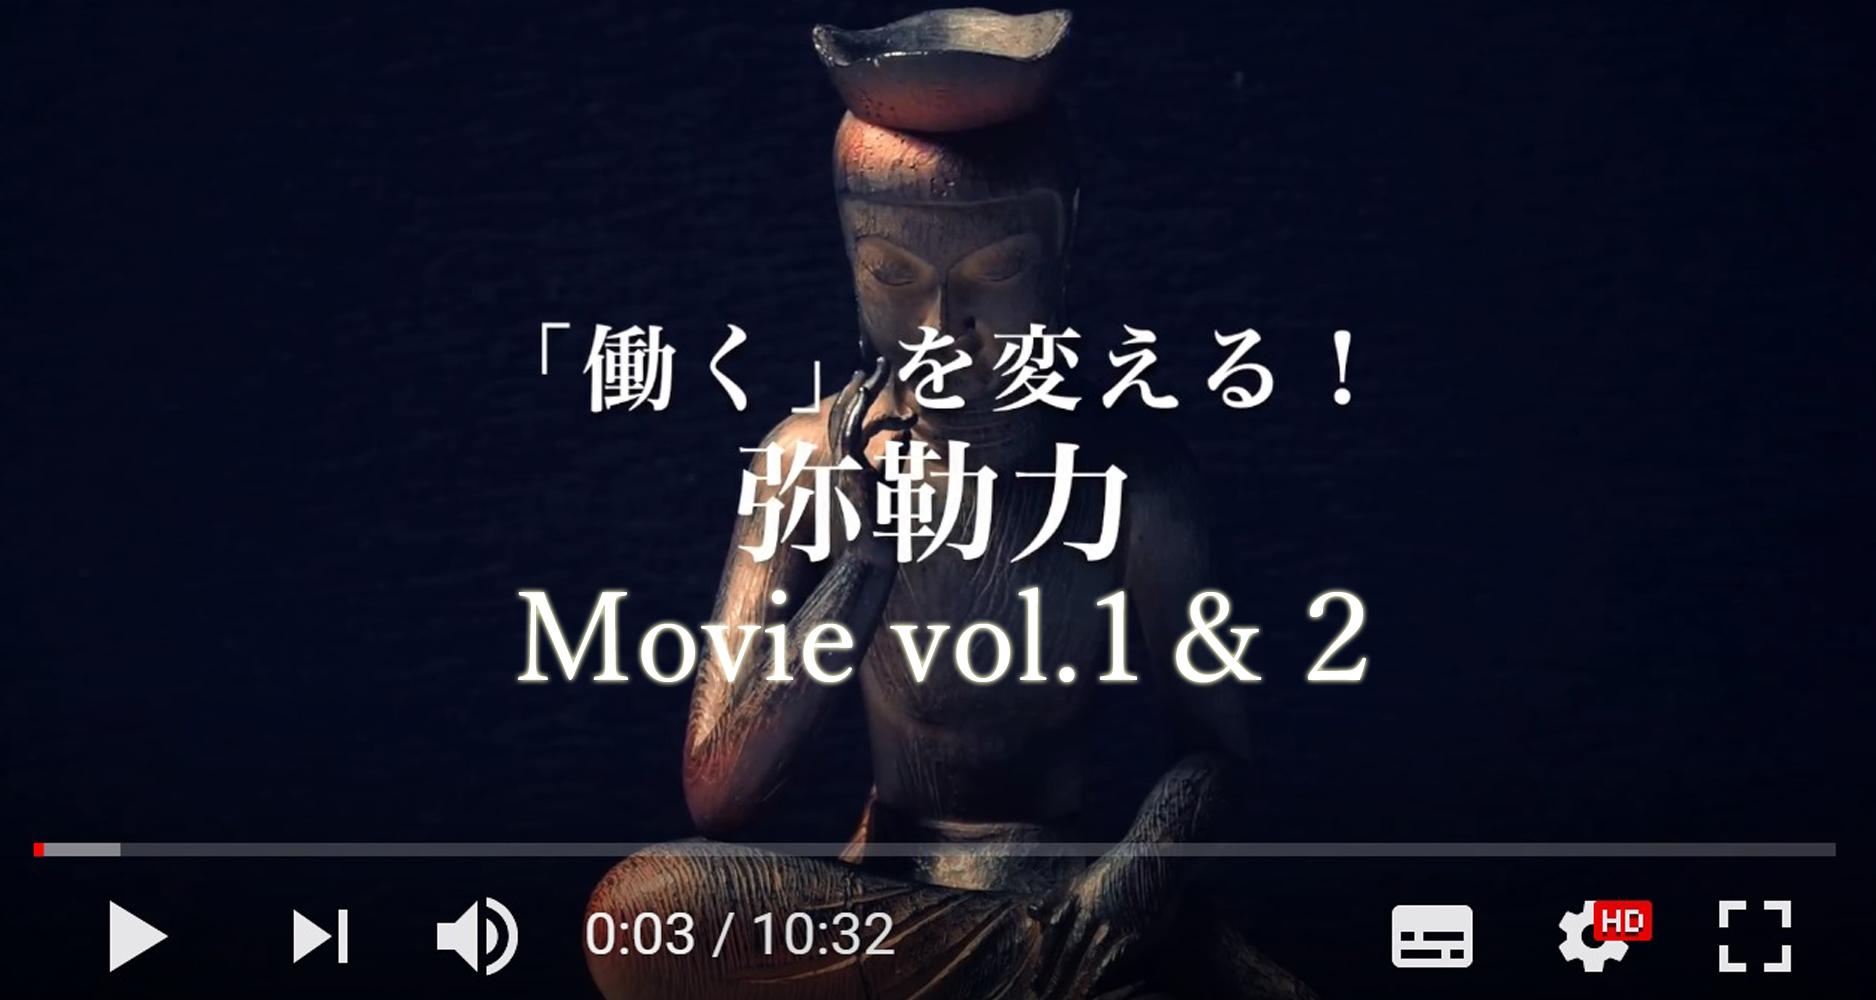 弥勒力動画vol.1&2公開-外側の価値から、内側の価値へ-